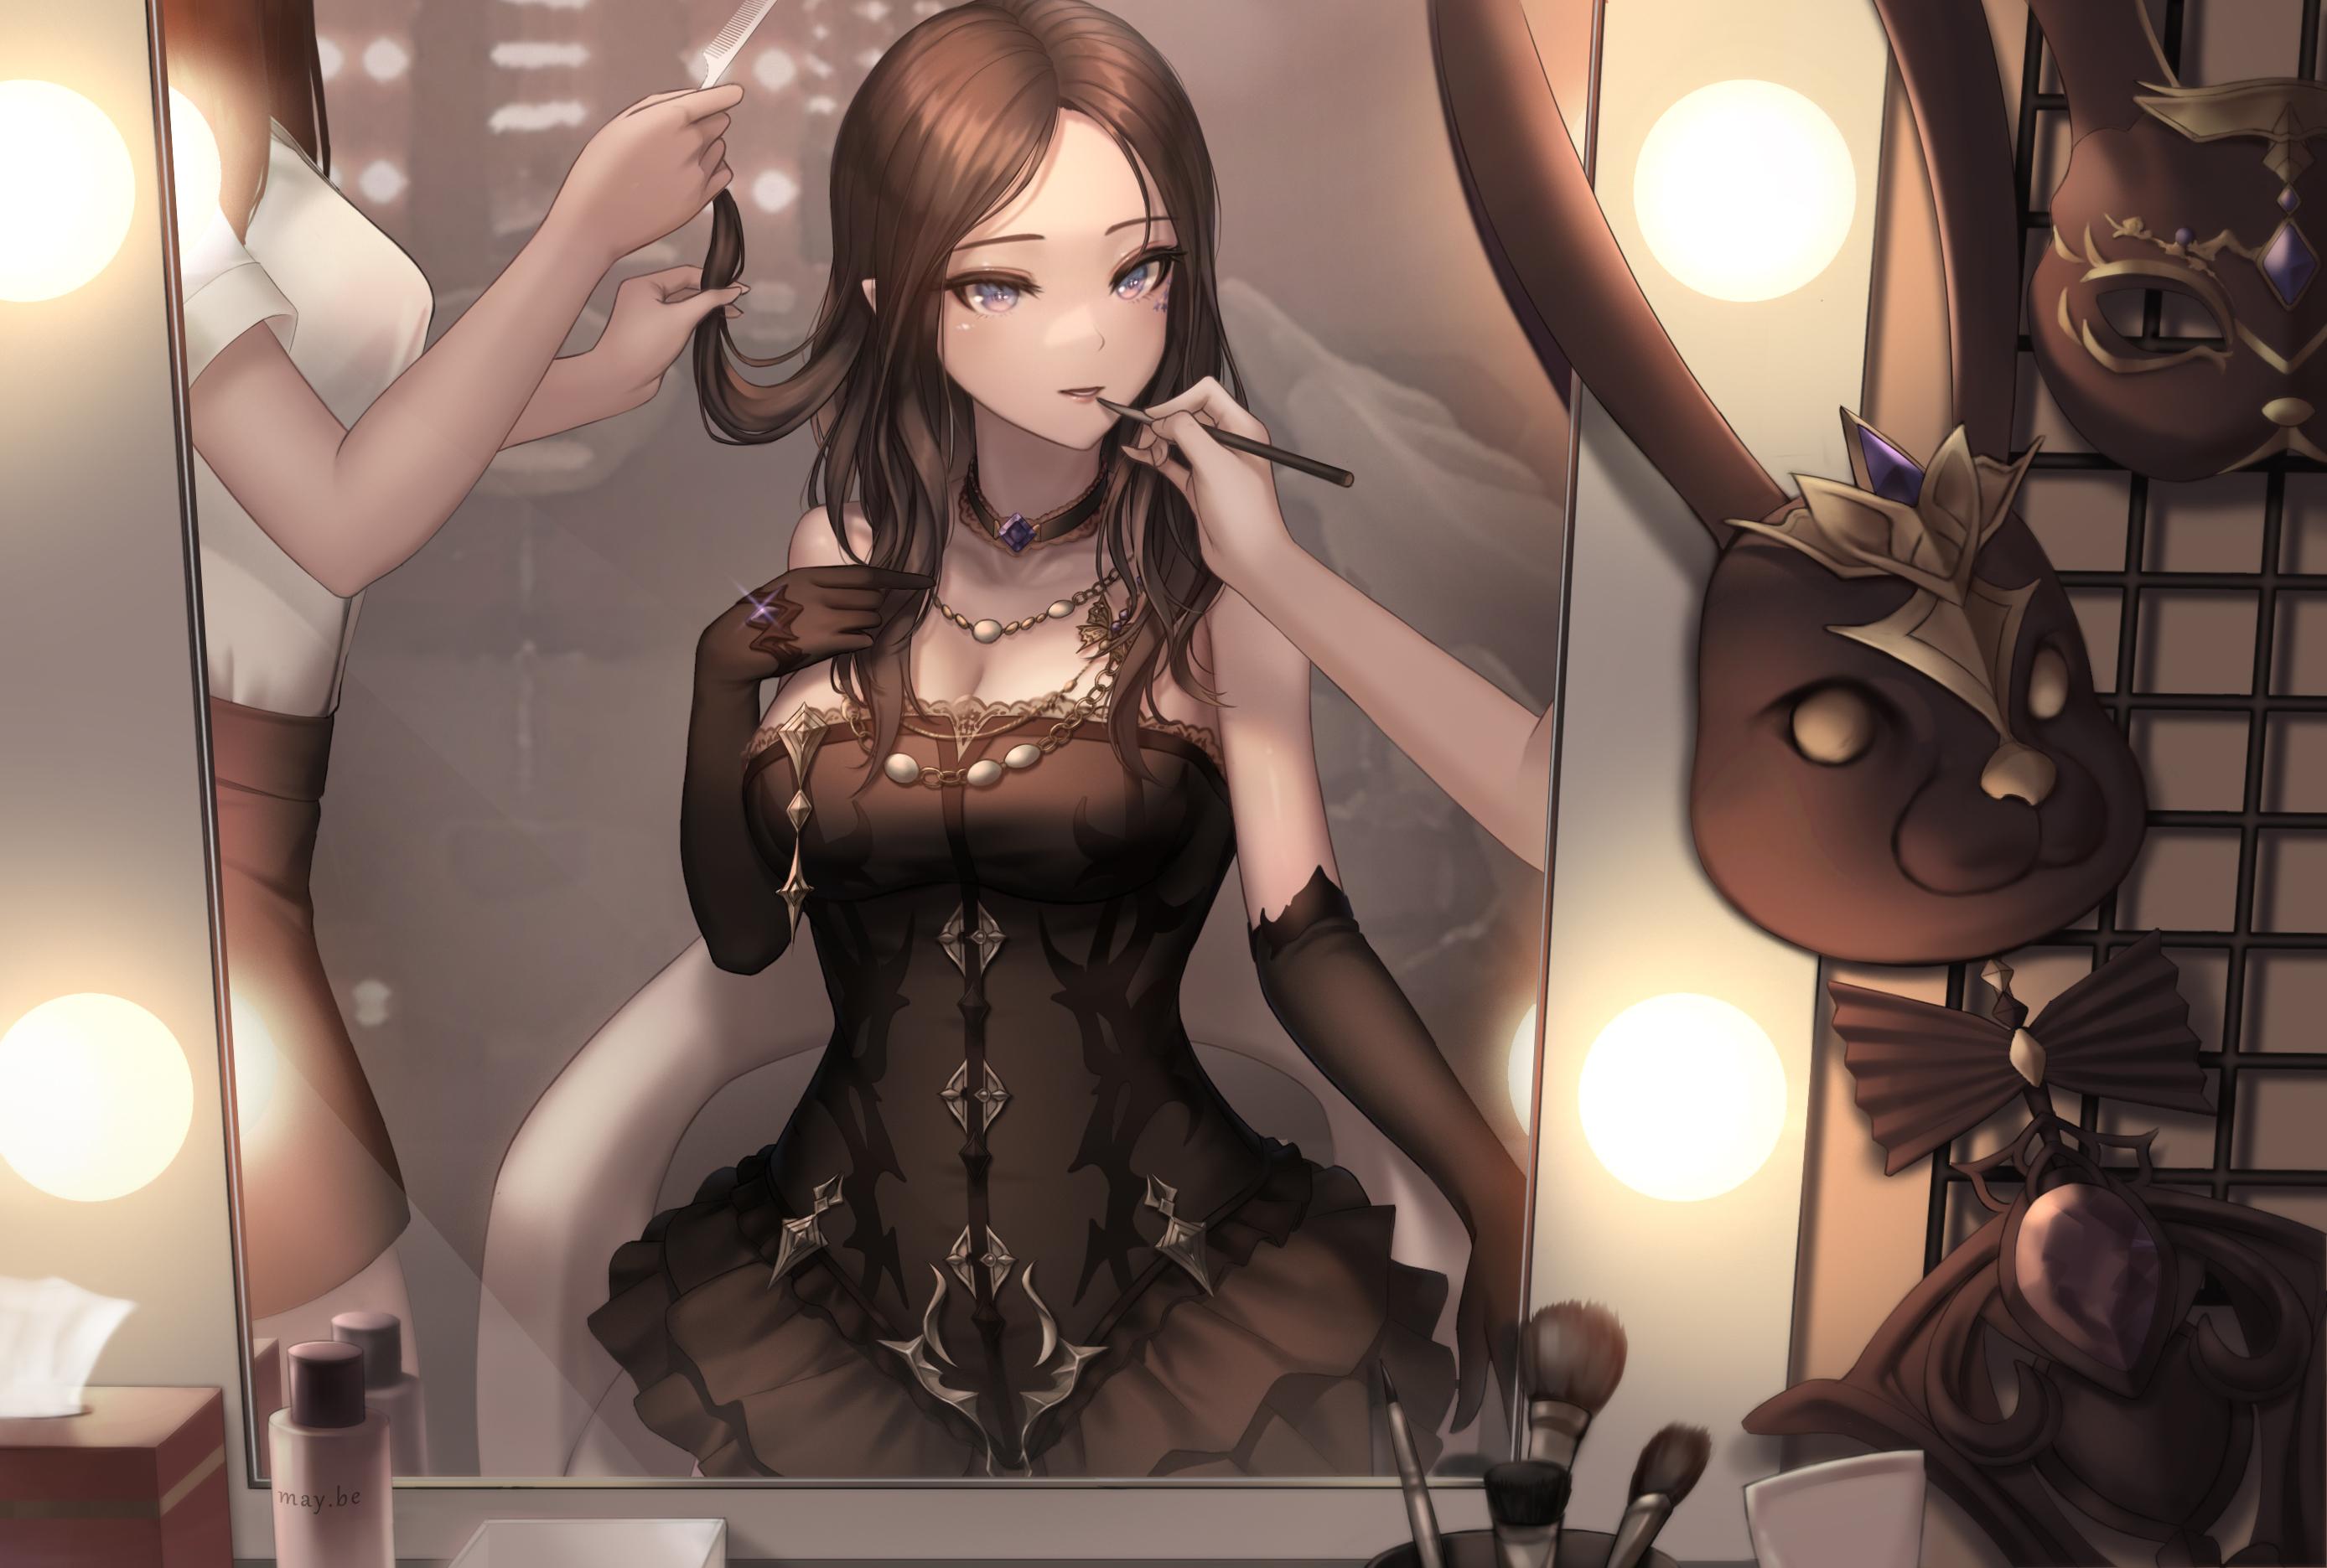 Anime Anime Girls Kie Artwork Lostark Reflection Dress Brunette Elbow Gloves 2776x1871